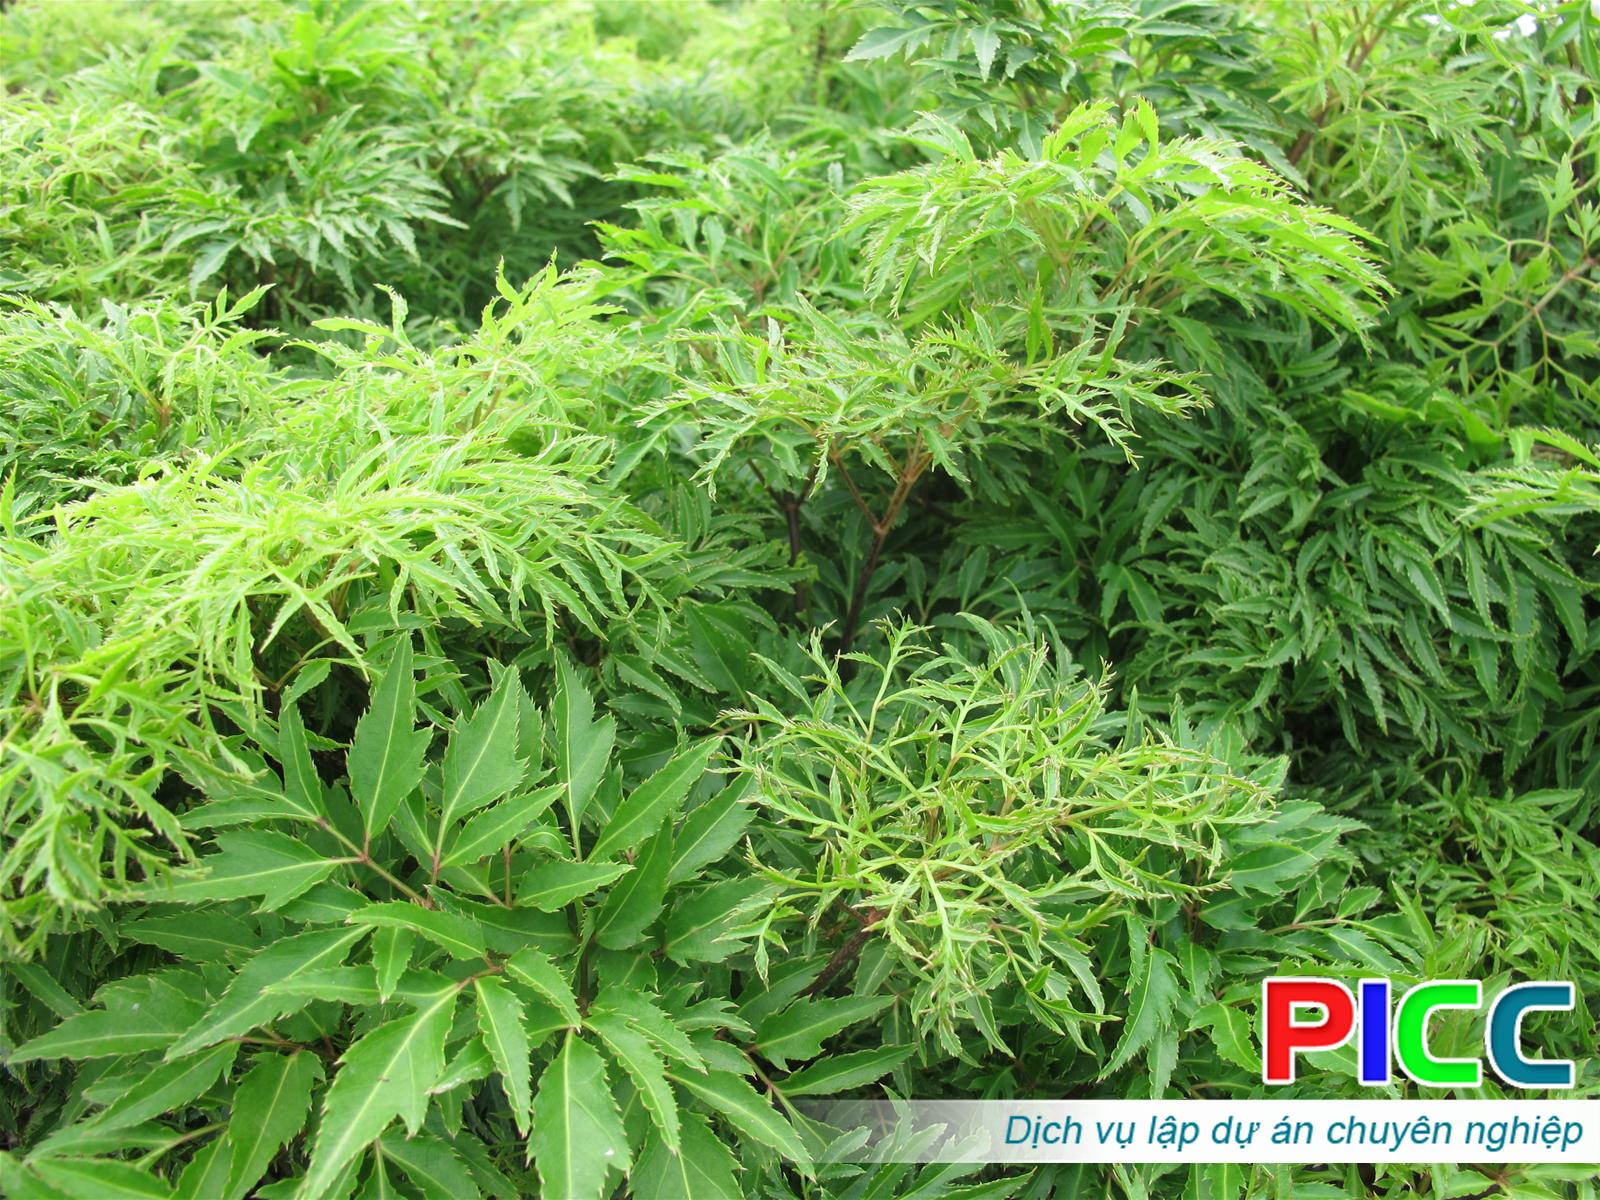 Dự án chăn nuôi dê kết hợp trồng cây dược liệu – tỉnh Điện Biên